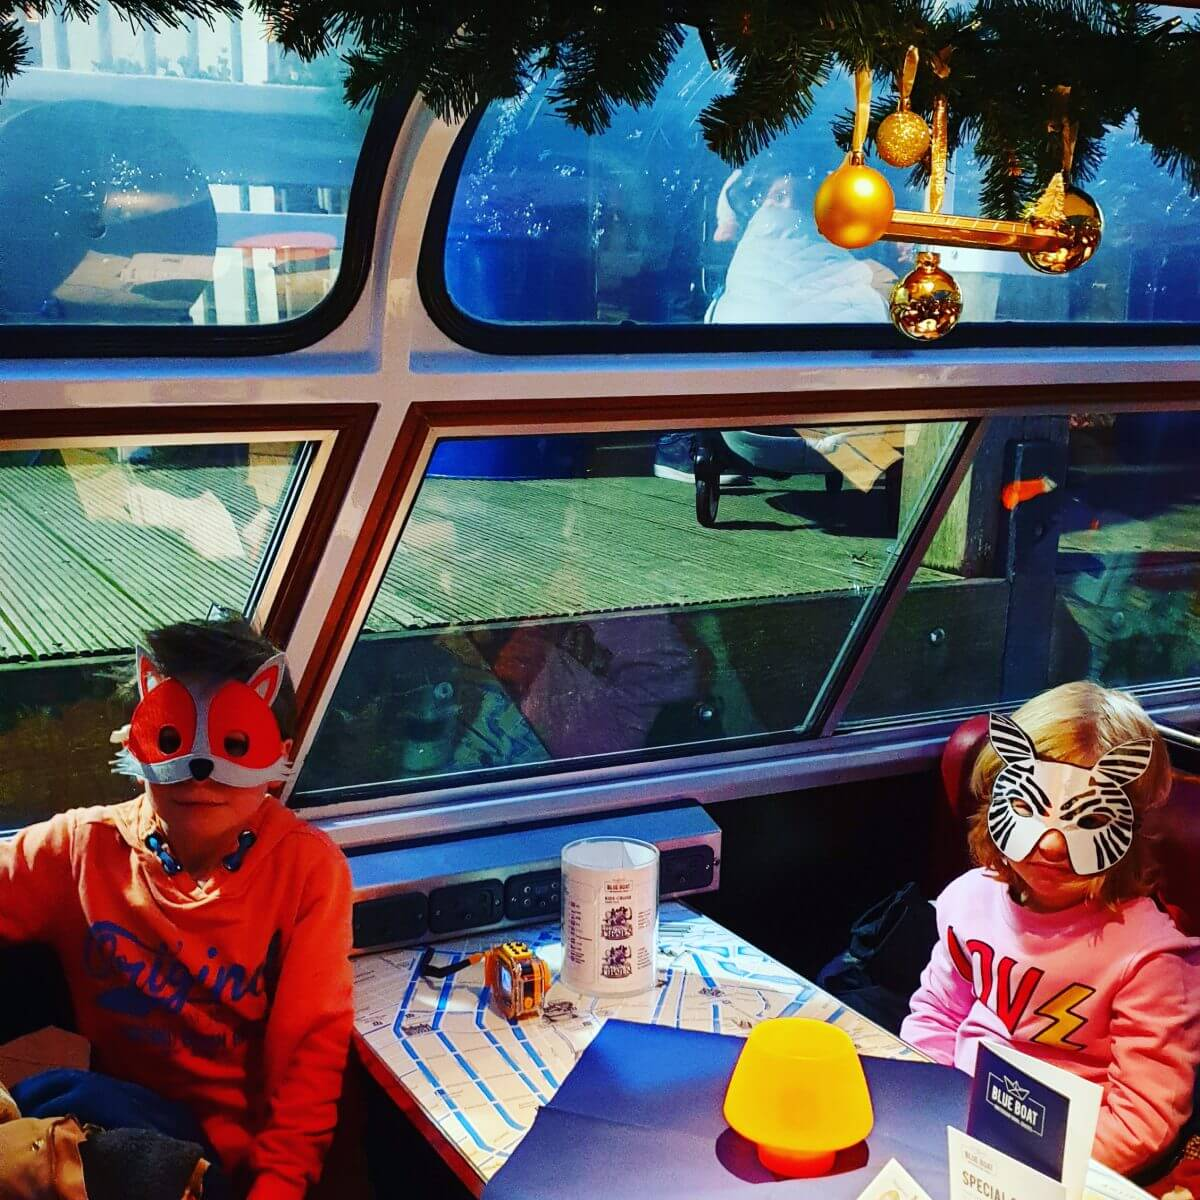 Fabeltjeskrant boottocht voor kinderen bij het AmsterdamLight Festival